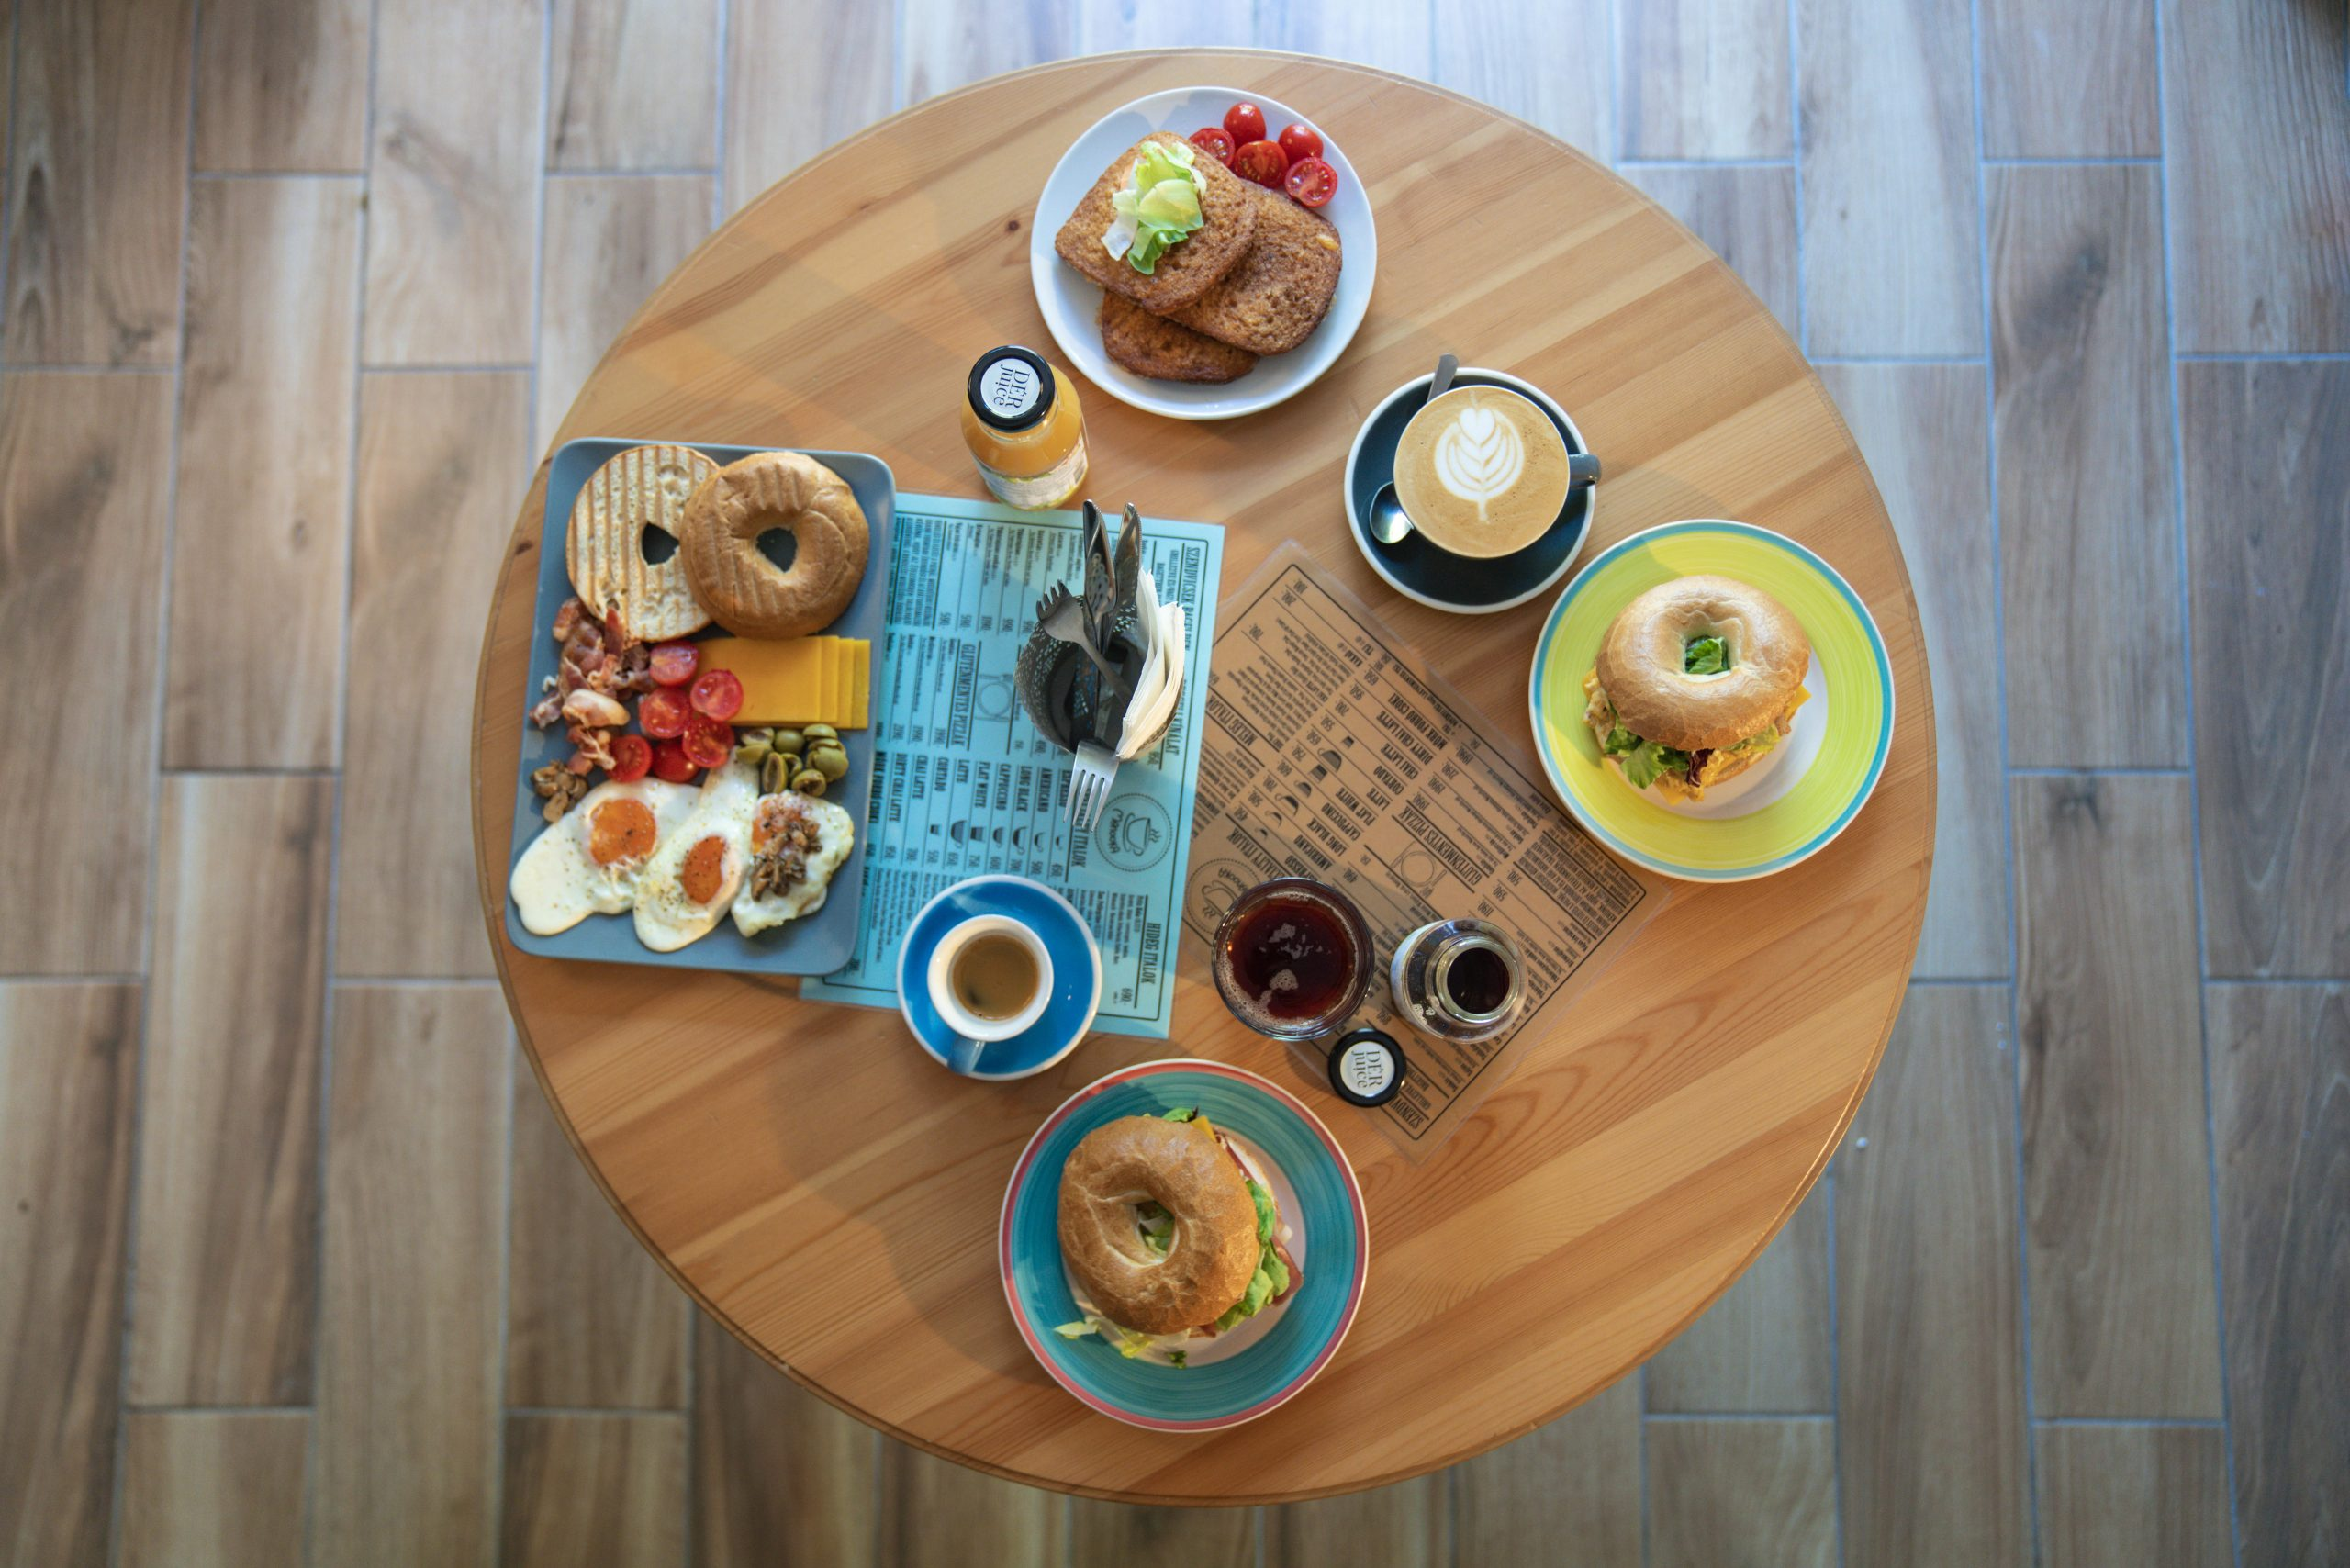 reggeli asztalon kávéval